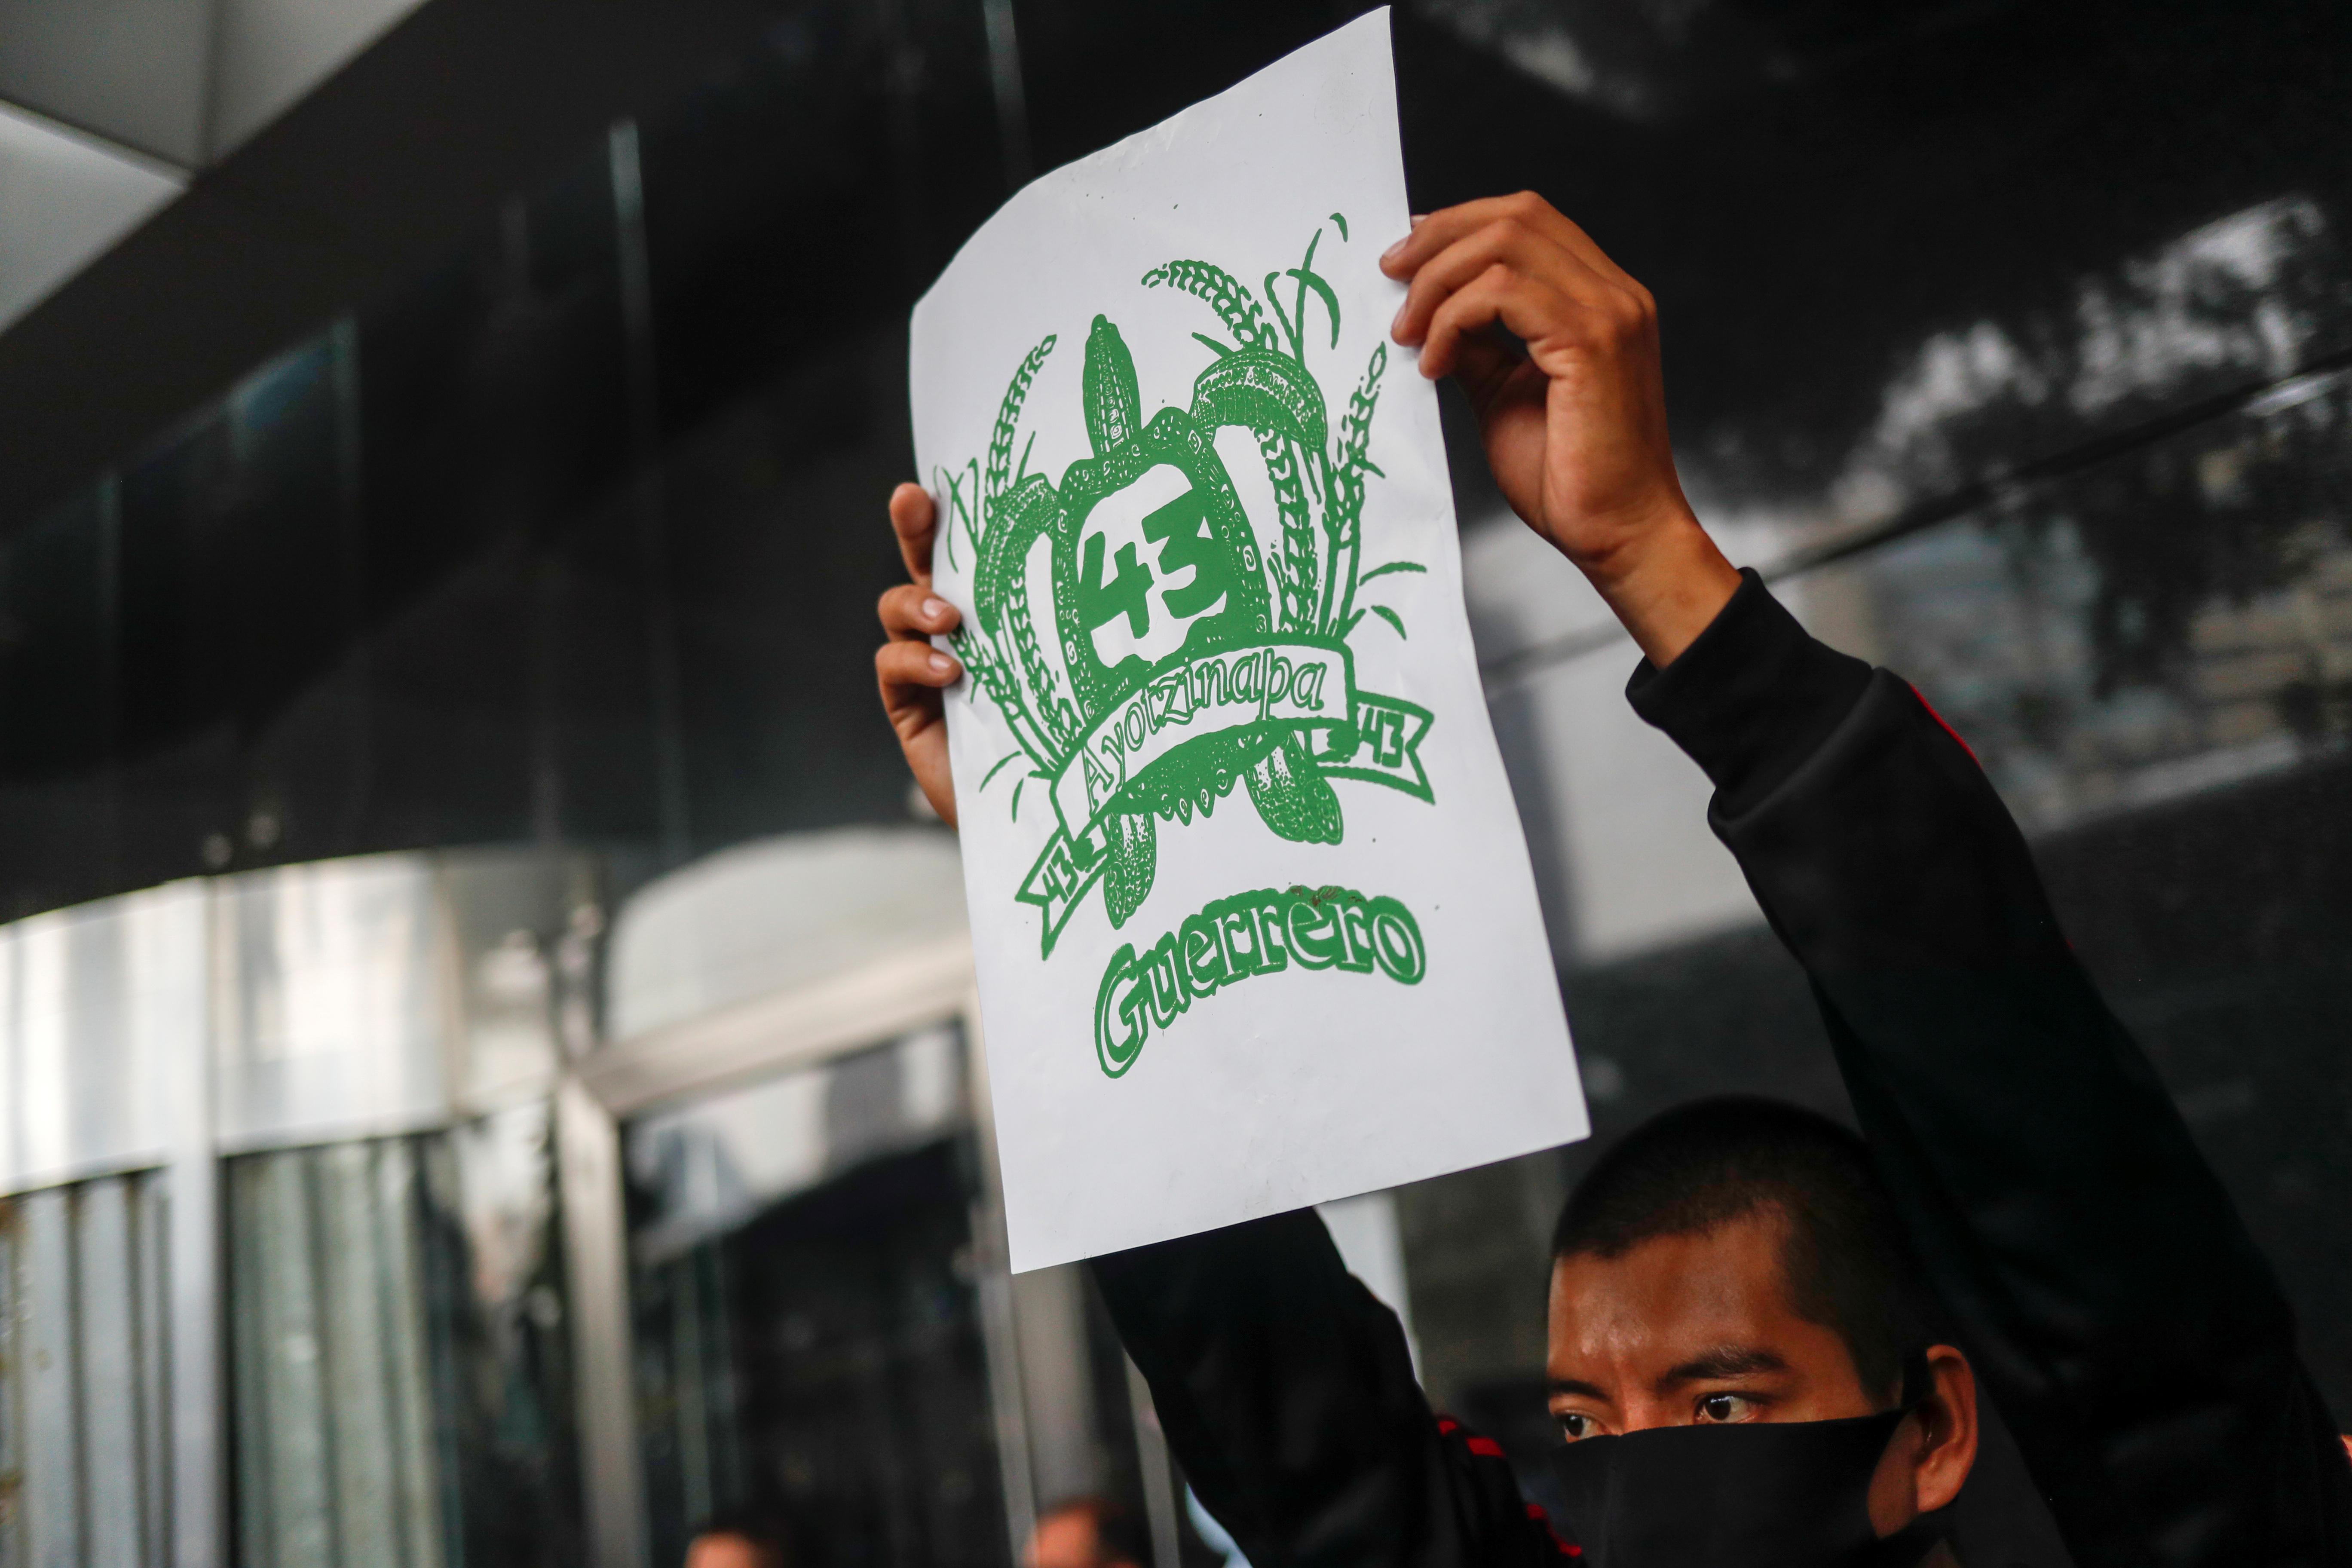 Un estudiante de la EEscuela Normal Rural de Ayotzinapa sostiene un cartel durante una protesta frente a la Fiscalía General, antes del sexto aniversario de la desaparición de 43 estudiantes, en la Ciudad de México, México, 25 de septiembre de 2020.